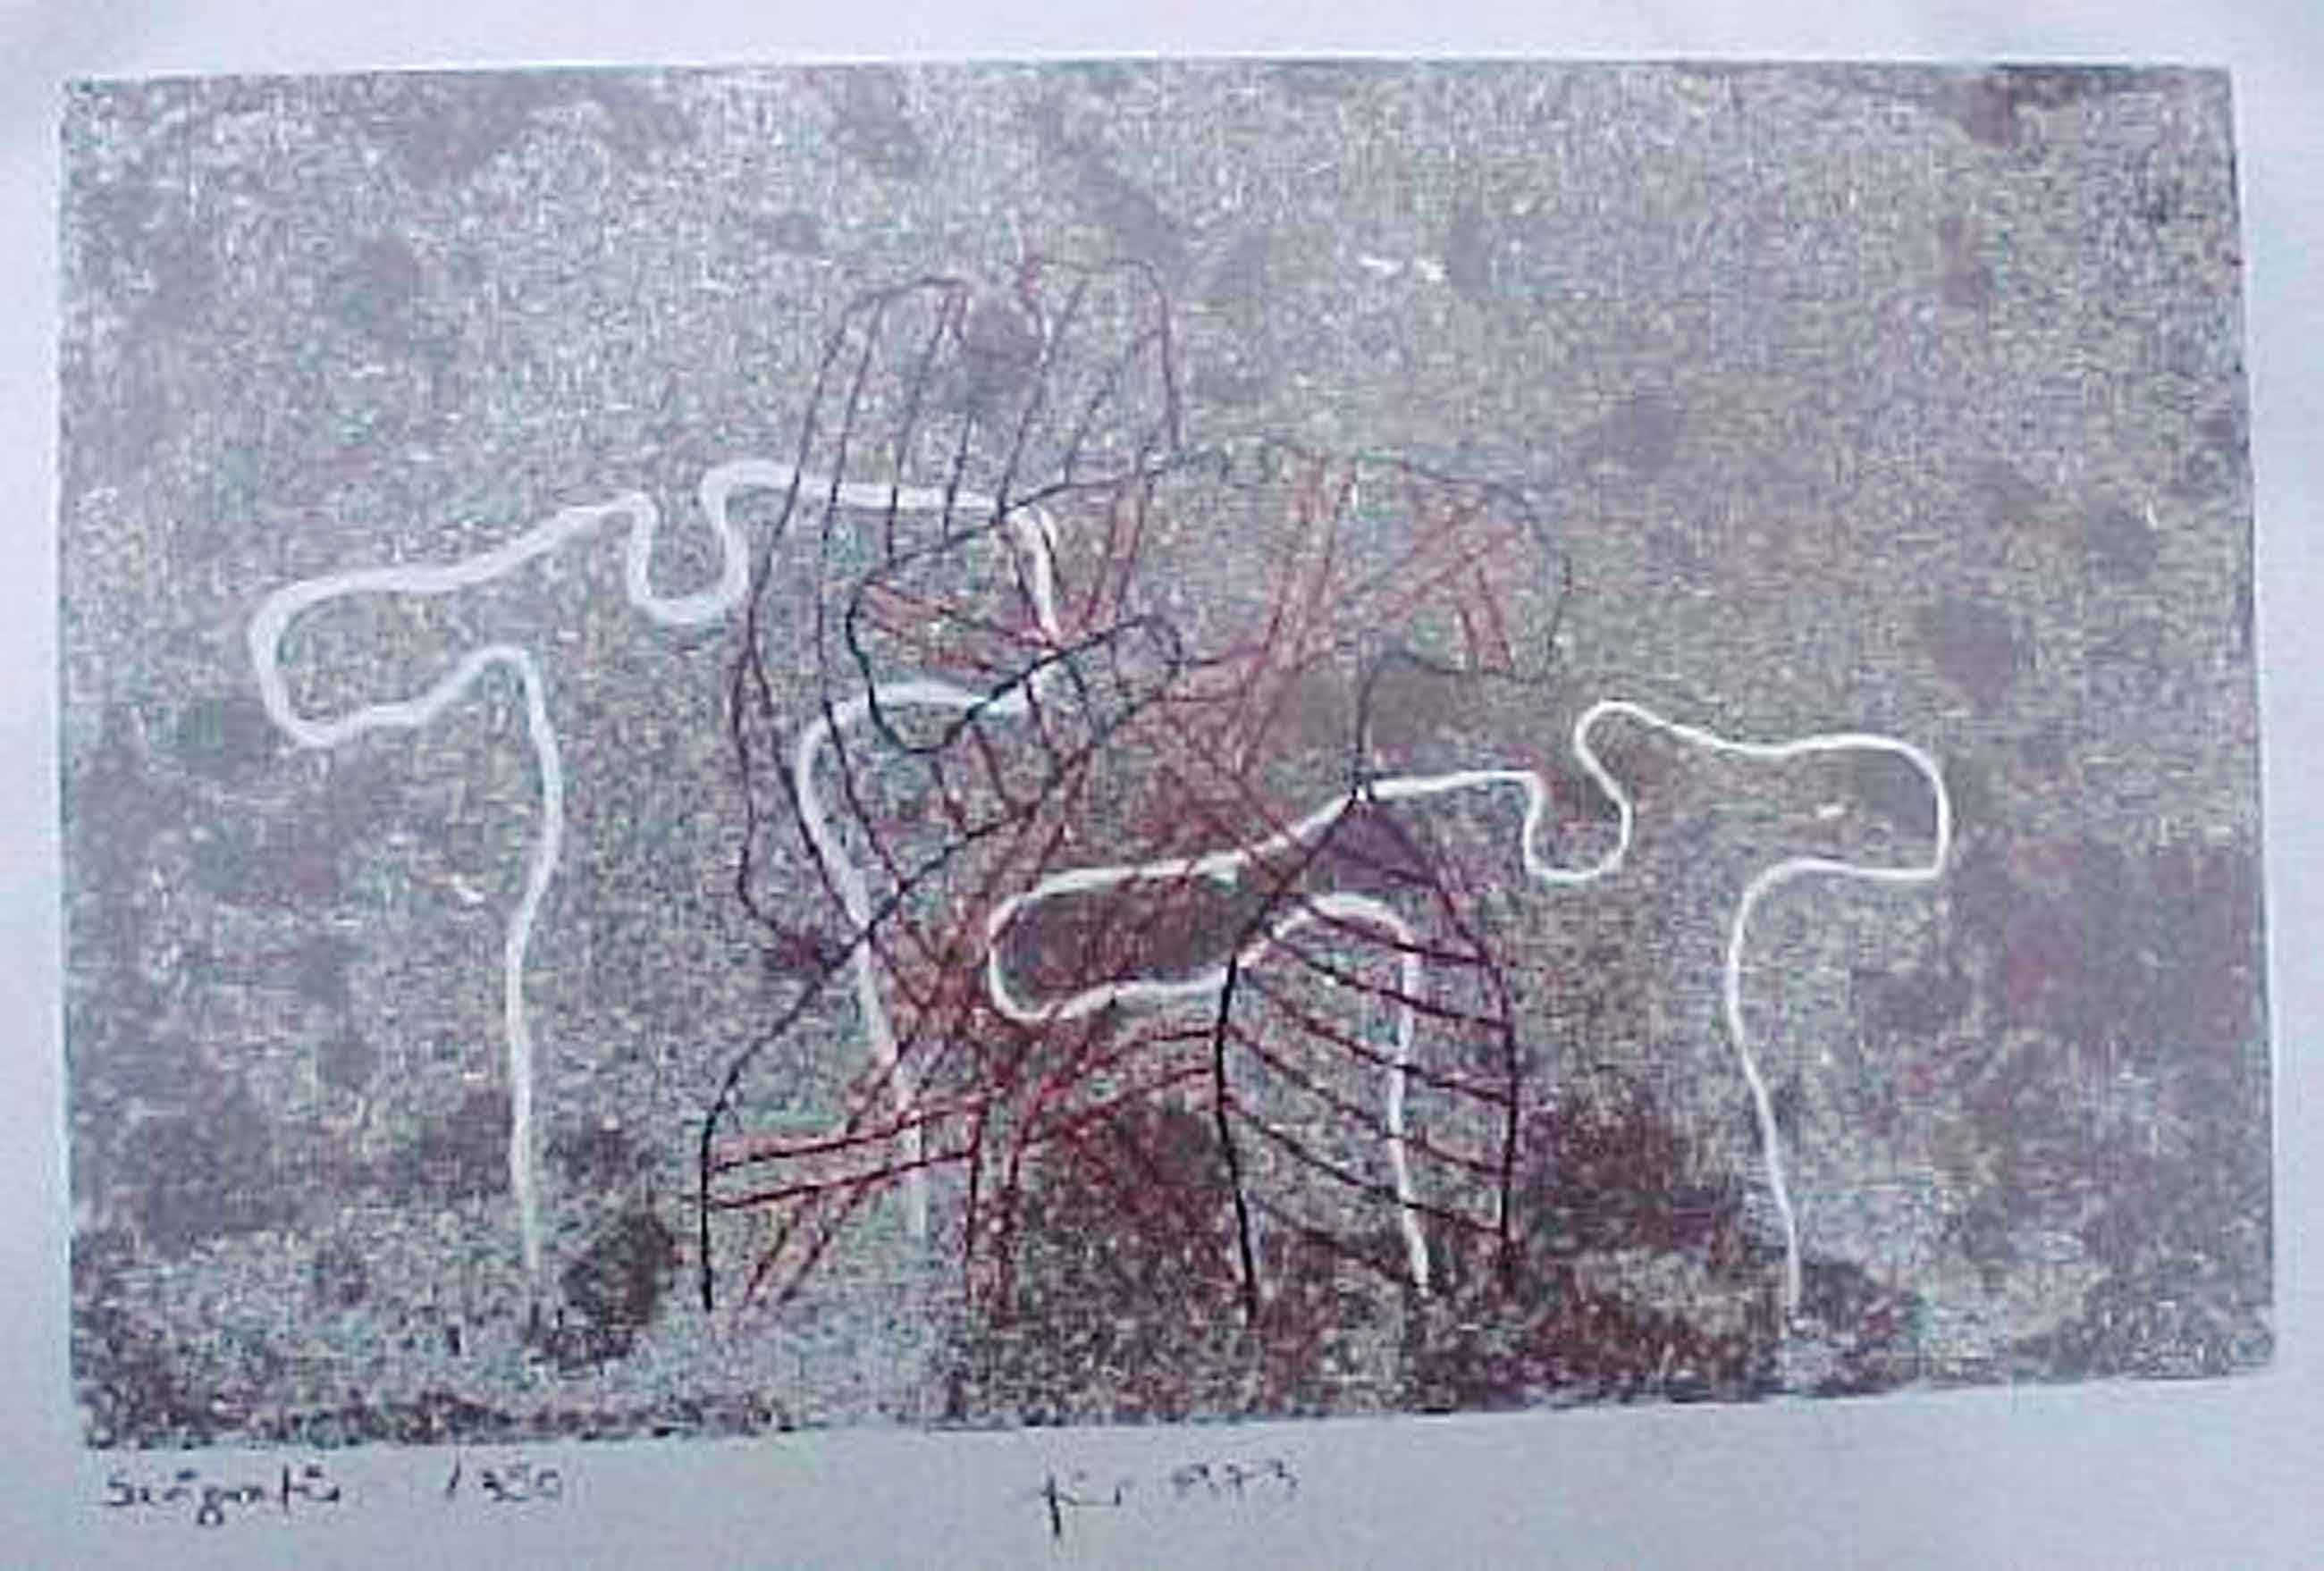 Axel Knipschild - Für 1973, Frblithografie 1973 kopen? Bied vanaf 40!